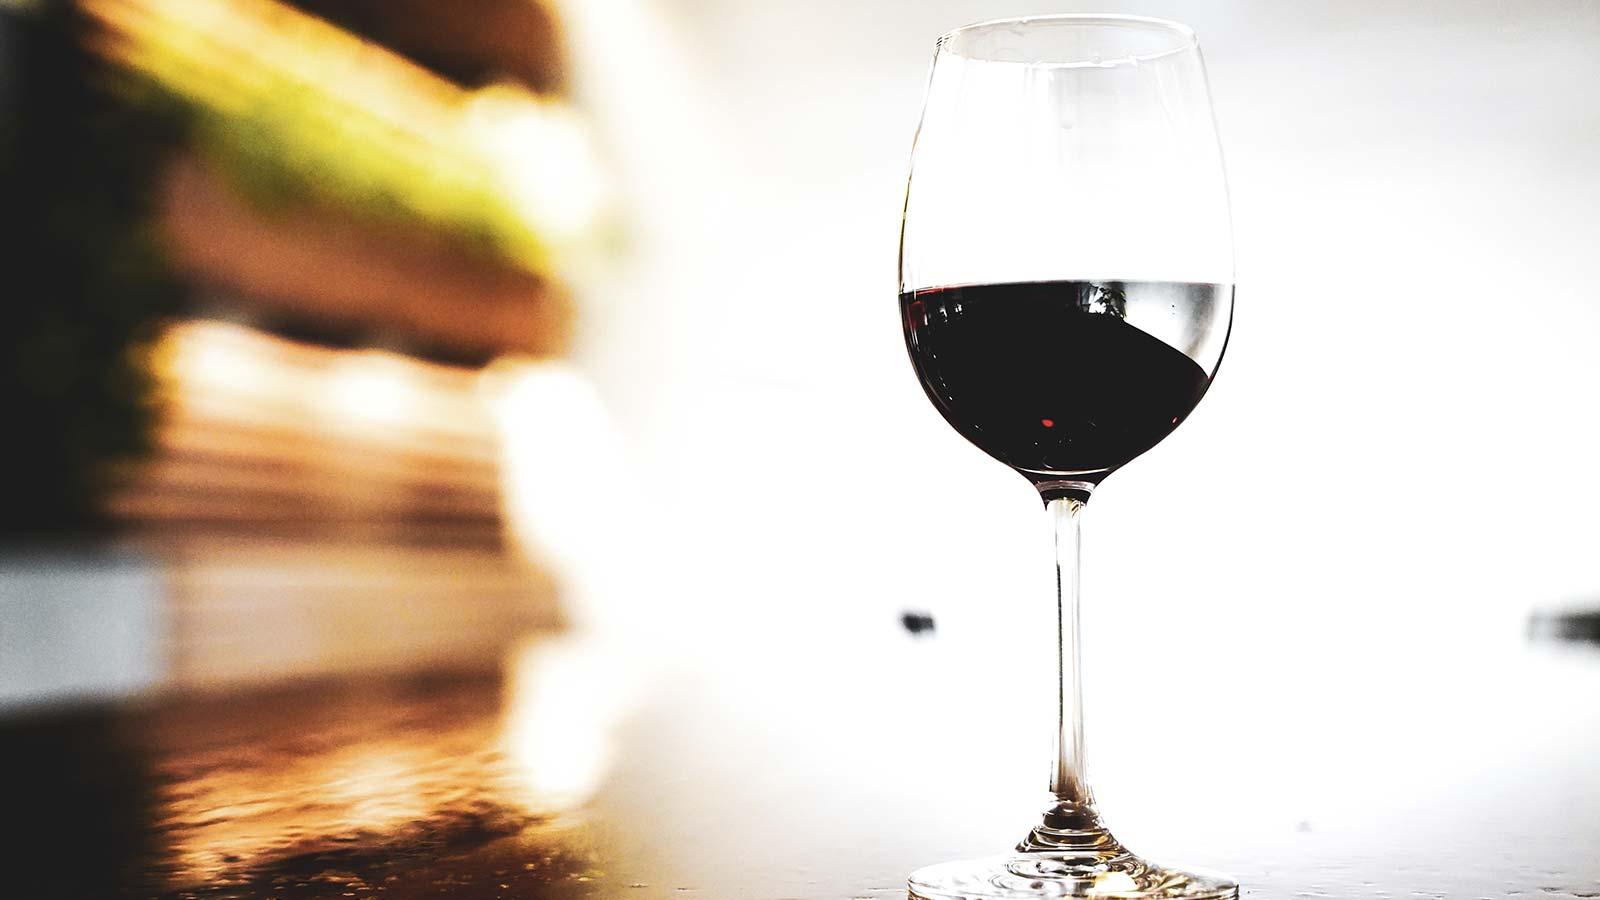 według badań naukowych czerwone wino jest dobre dla zdrowia